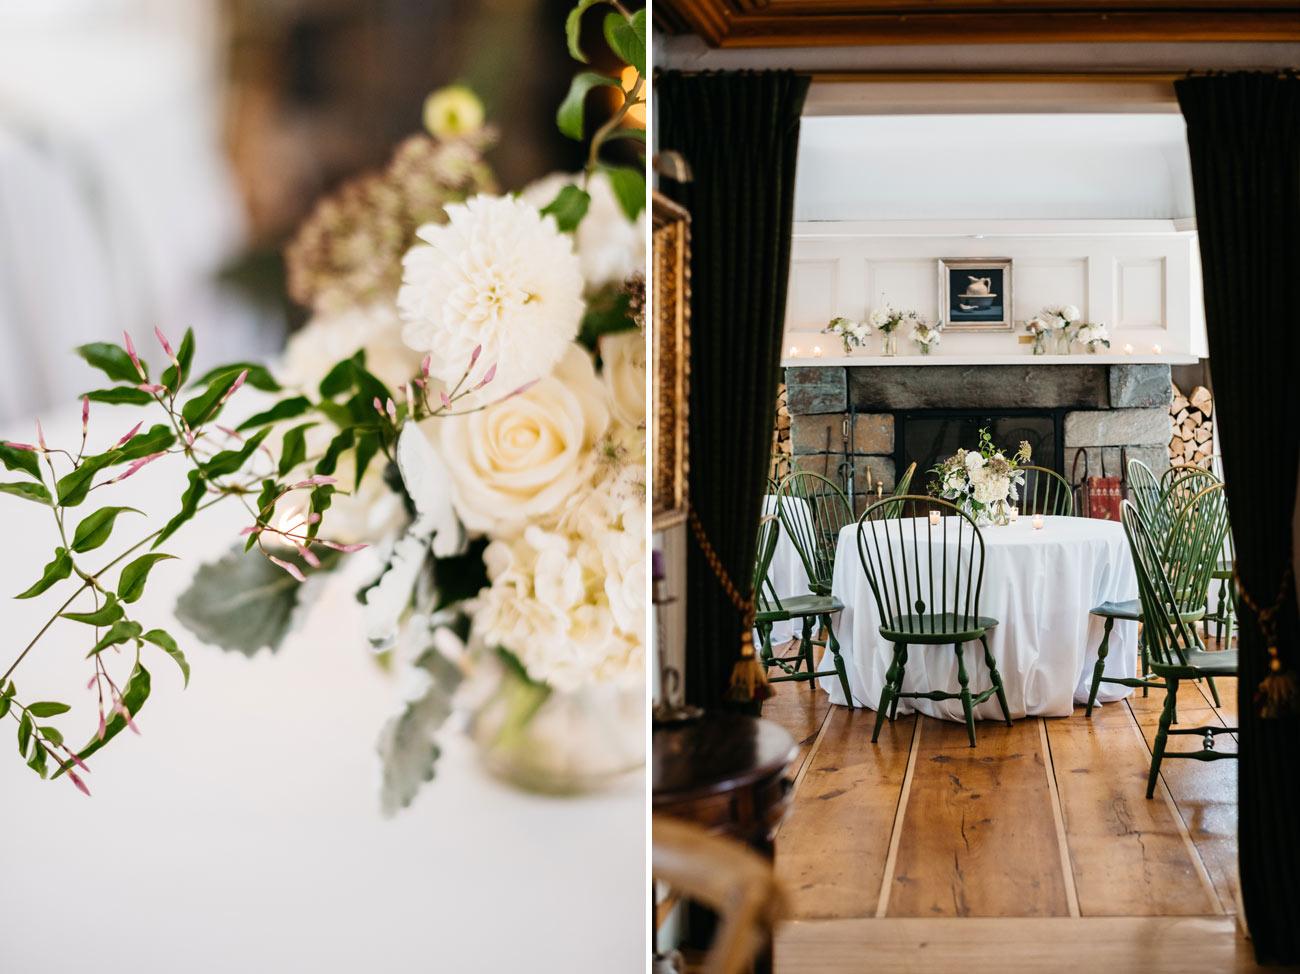 wedding venue the pitcher inn in warren vermont, indoor wedding venues